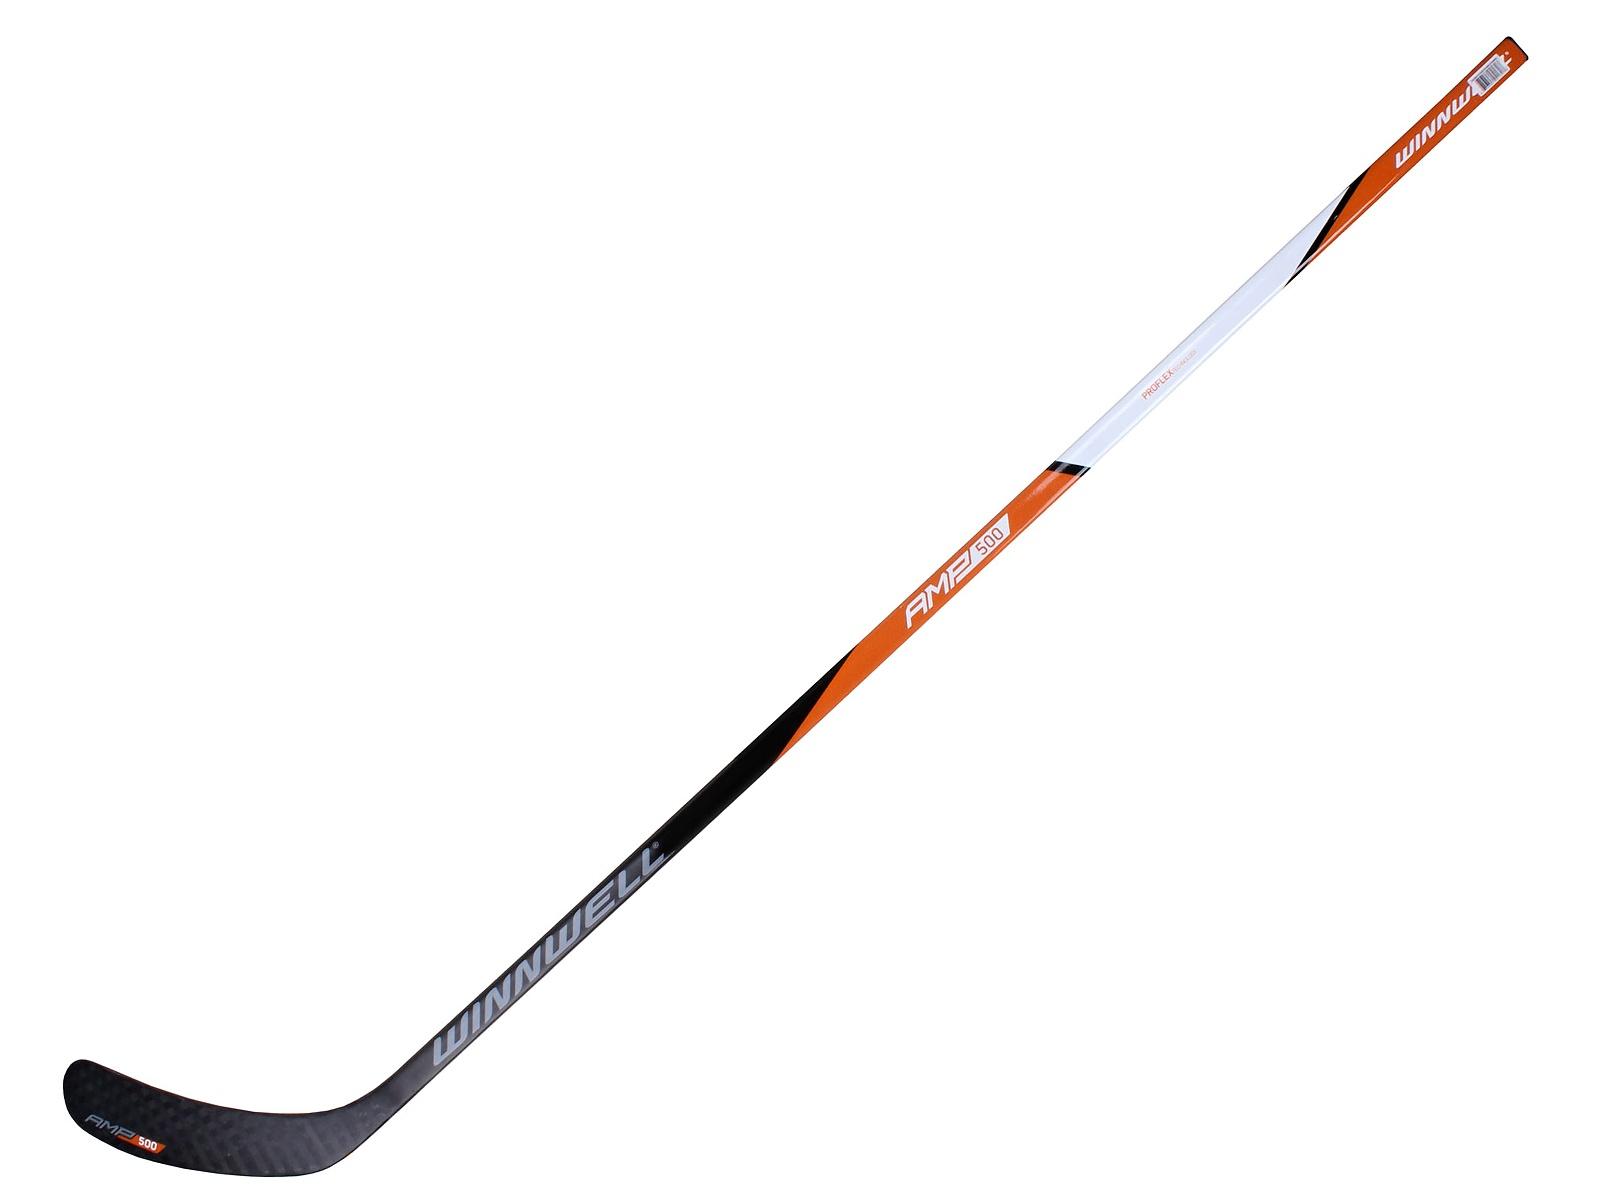 Hokejka WINNWELL AMP 500 kompozit, flex 95 - LH 19